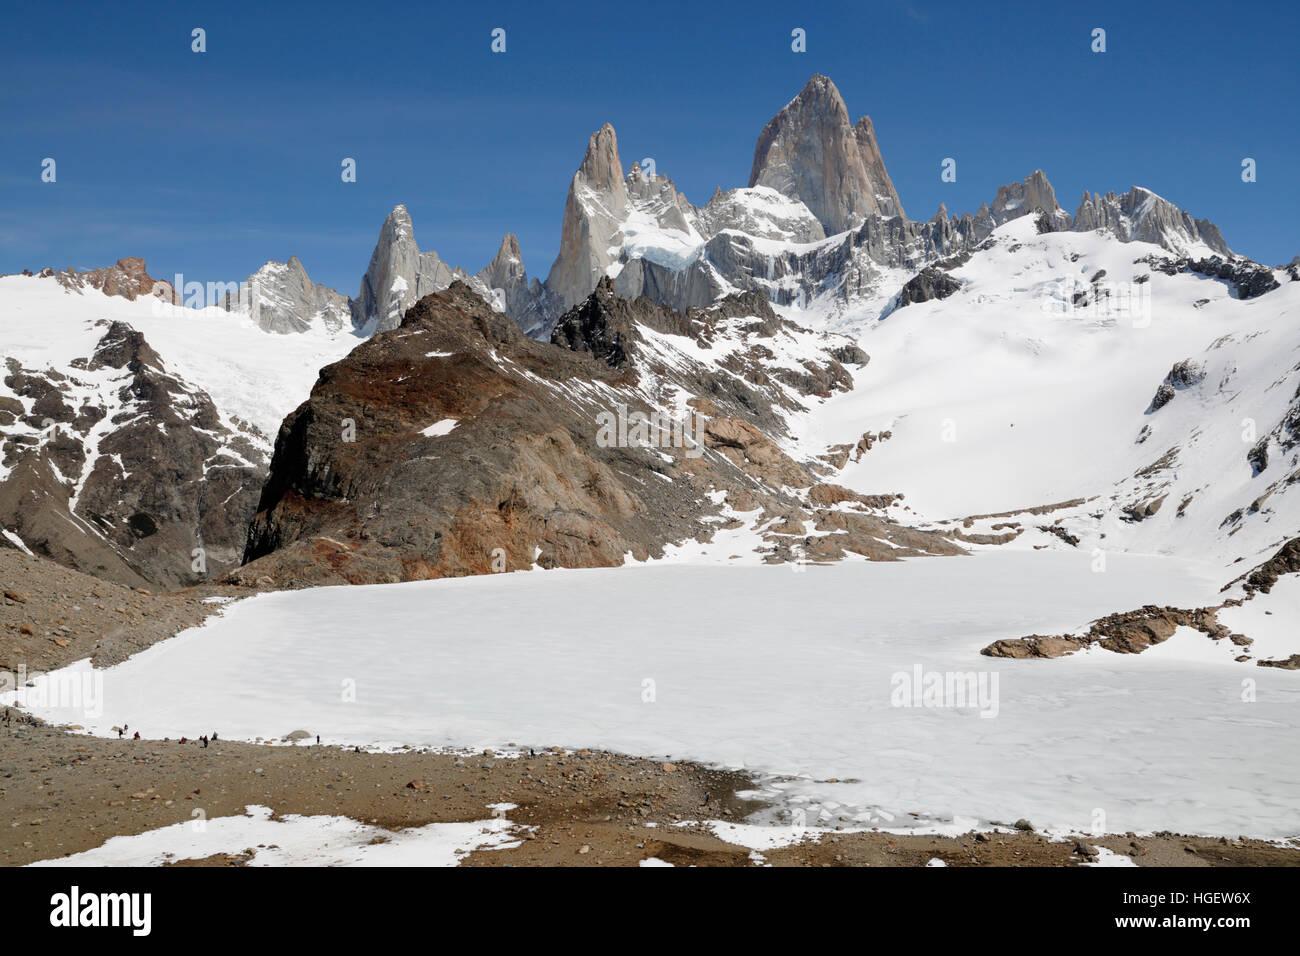 Laguna de los Tres et le Mont Fitz Roy, El Chalten, Patagonie, Argentine, Amérique du Sud Banque D'Images